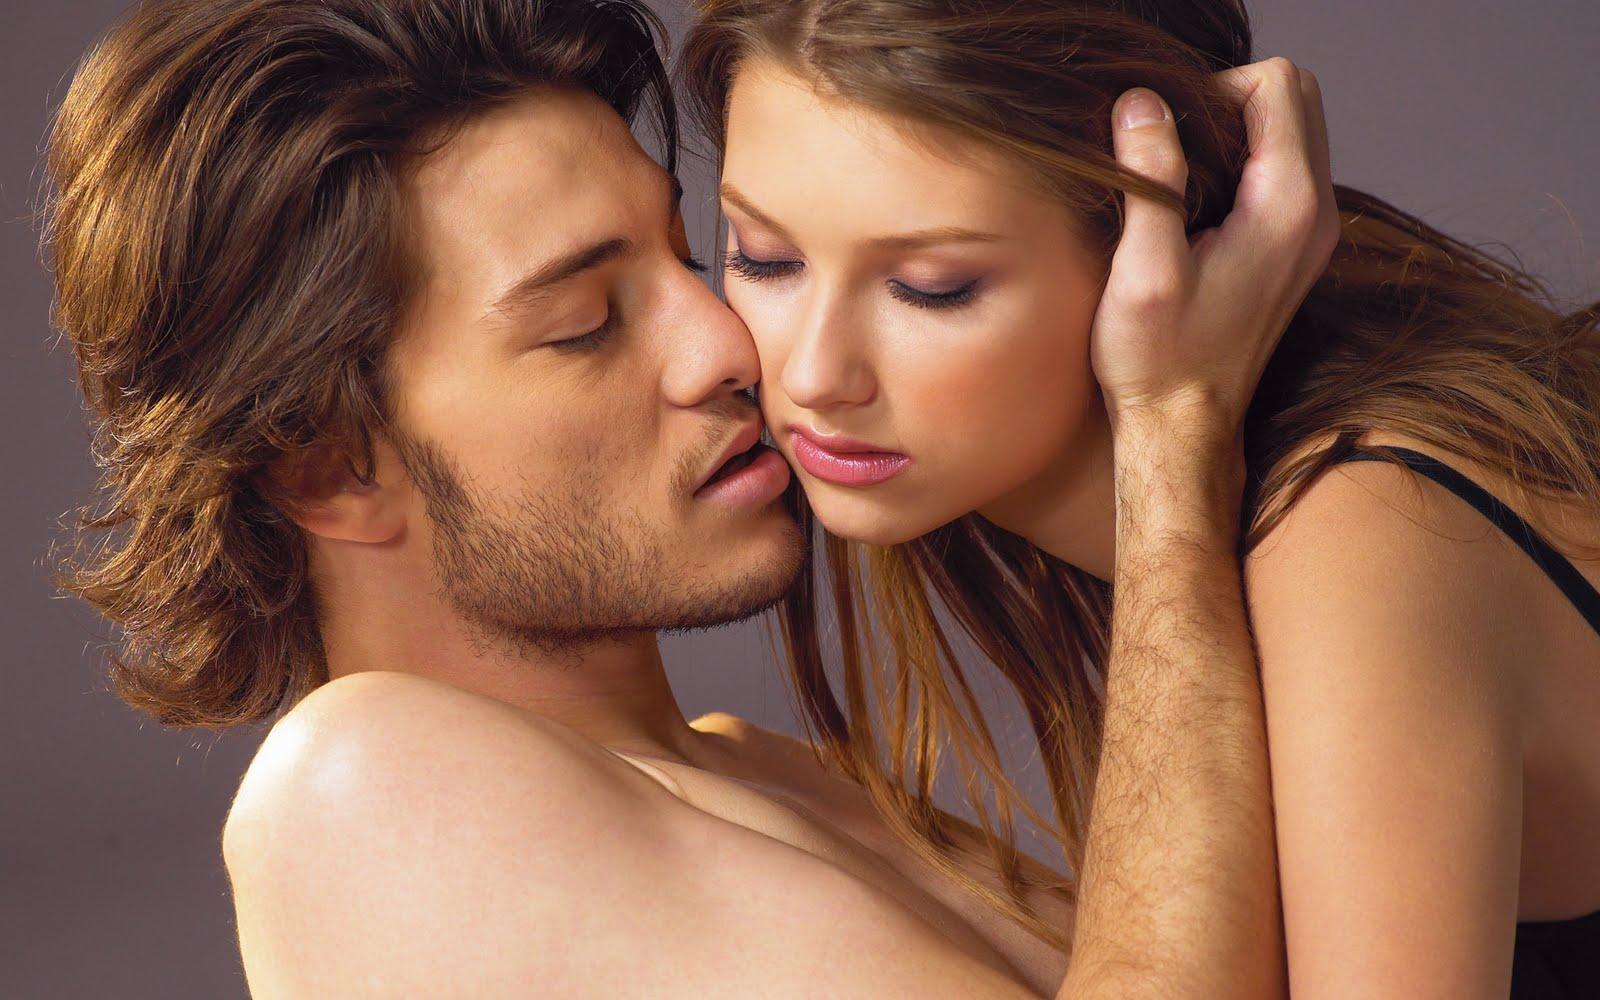 moi-eroticheskie-fotografii-na-moem-sayte